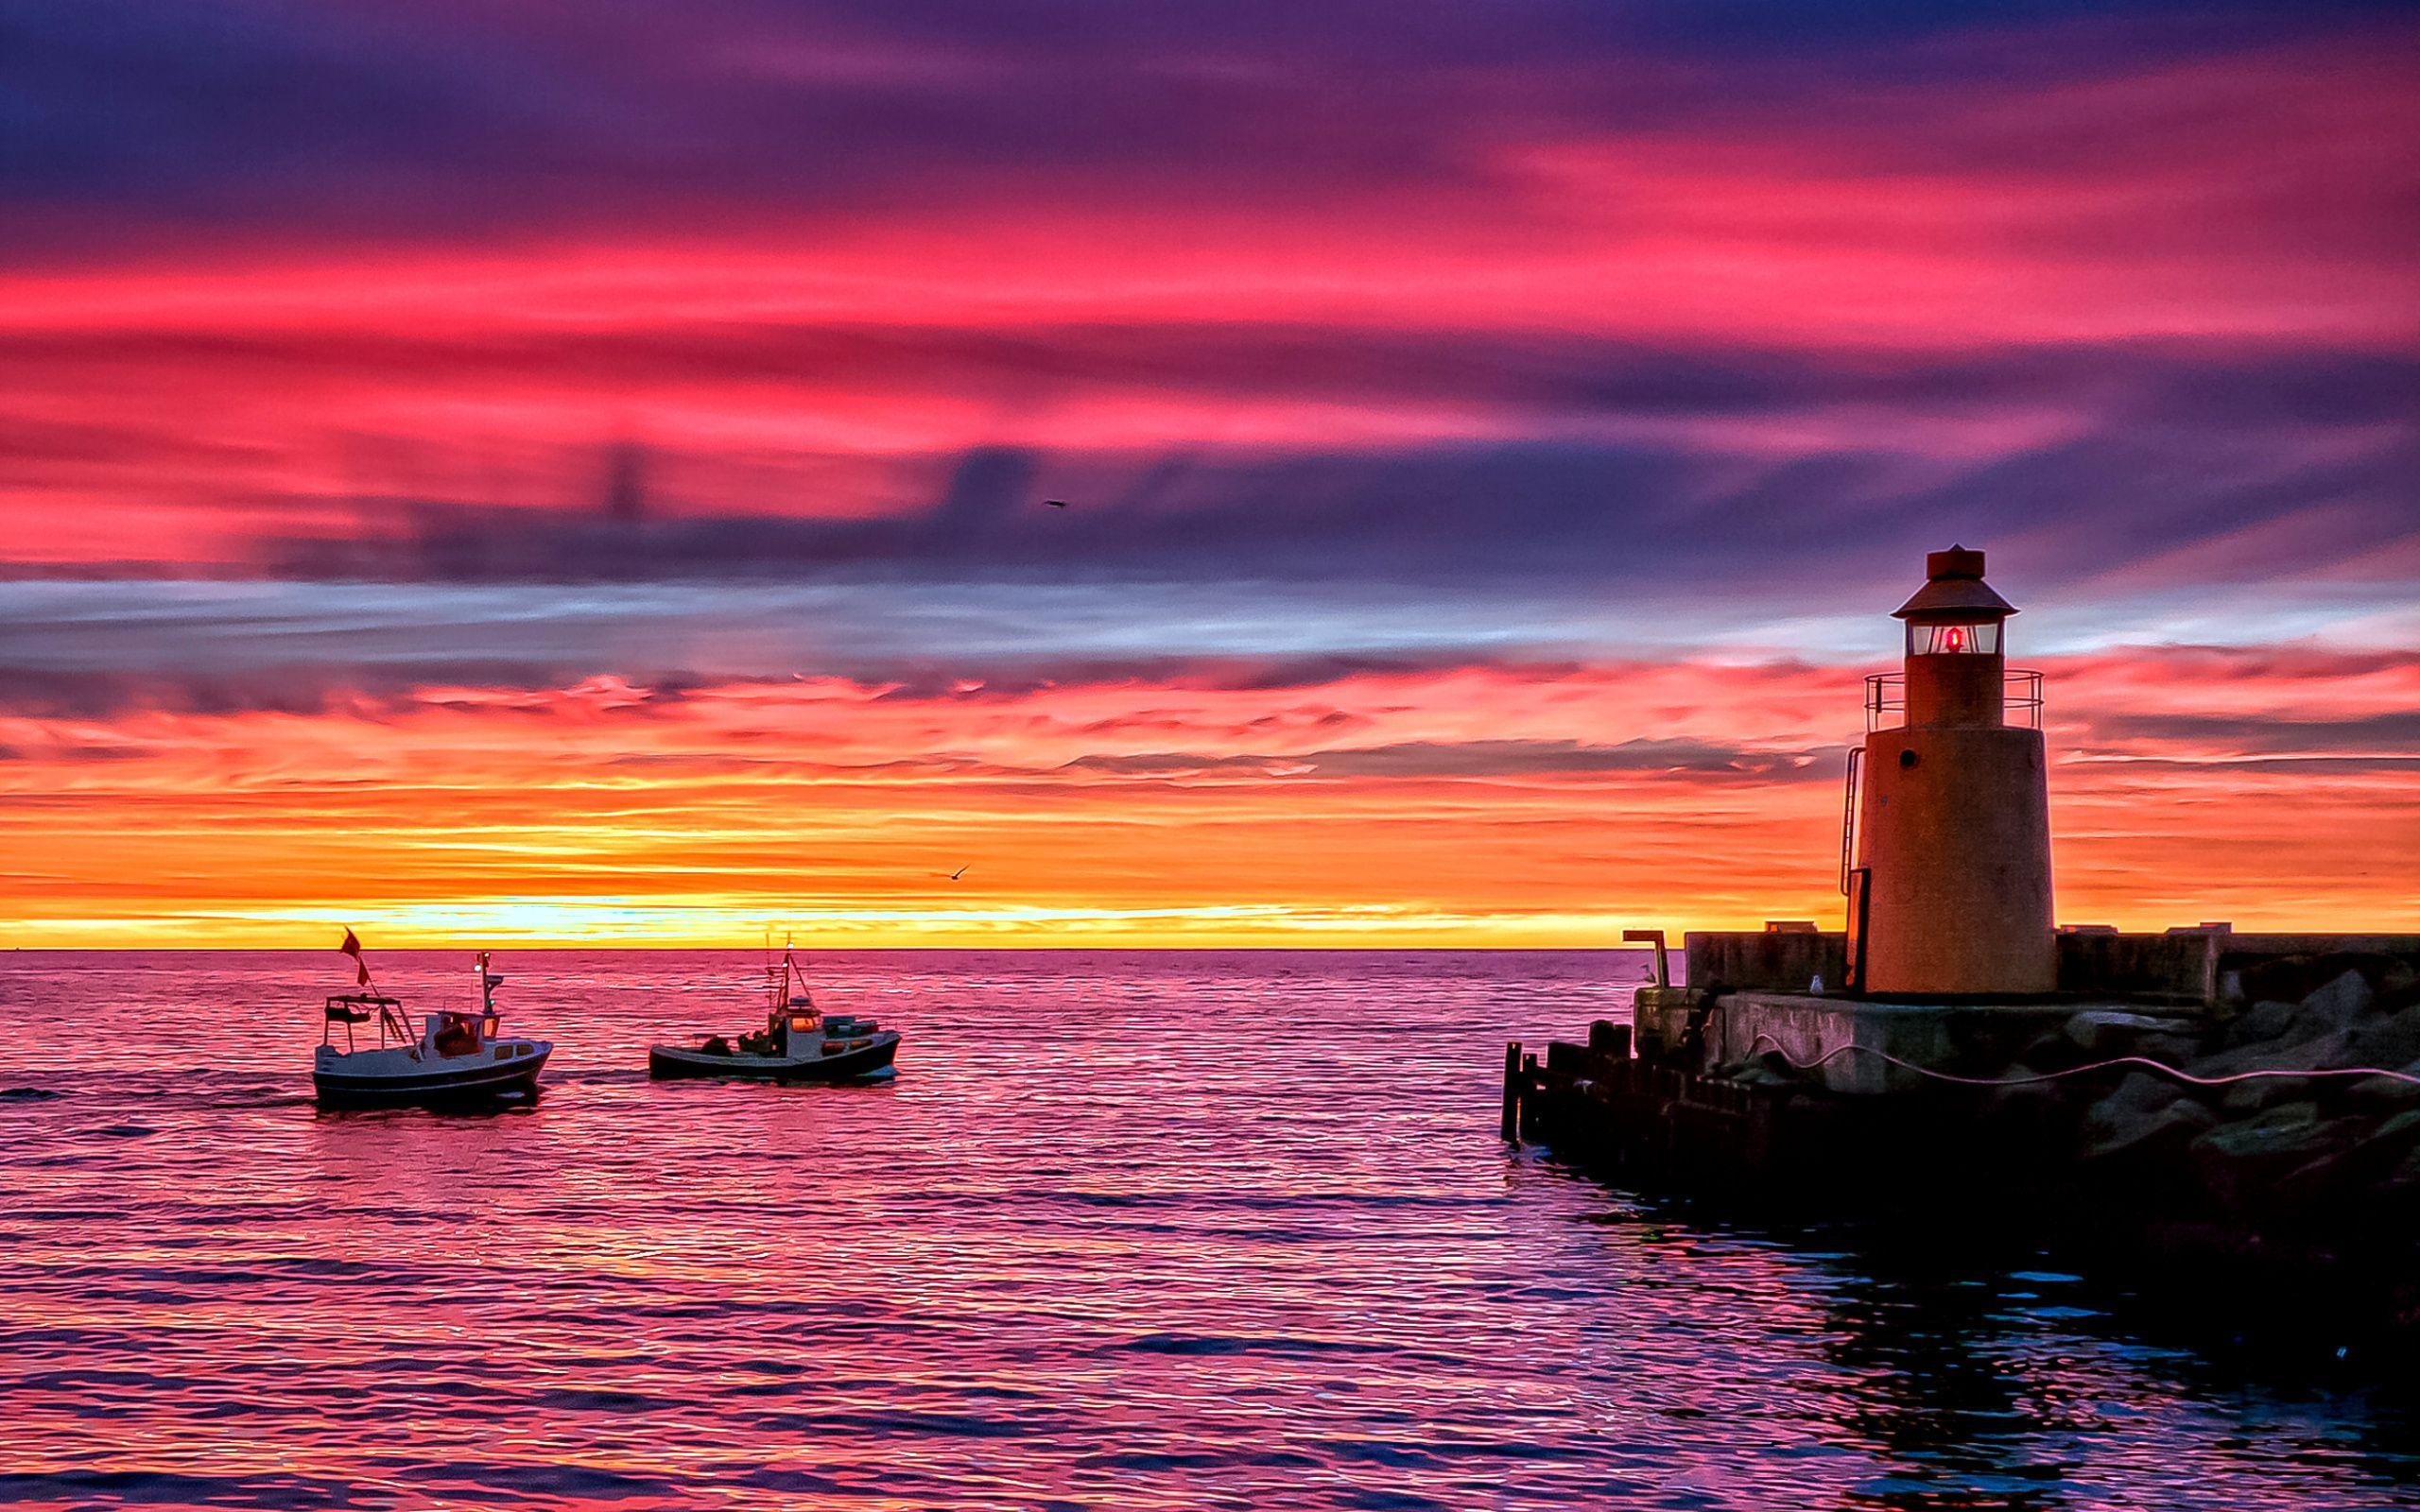 lighthouse desktop wallpaper 7900 - photo #40